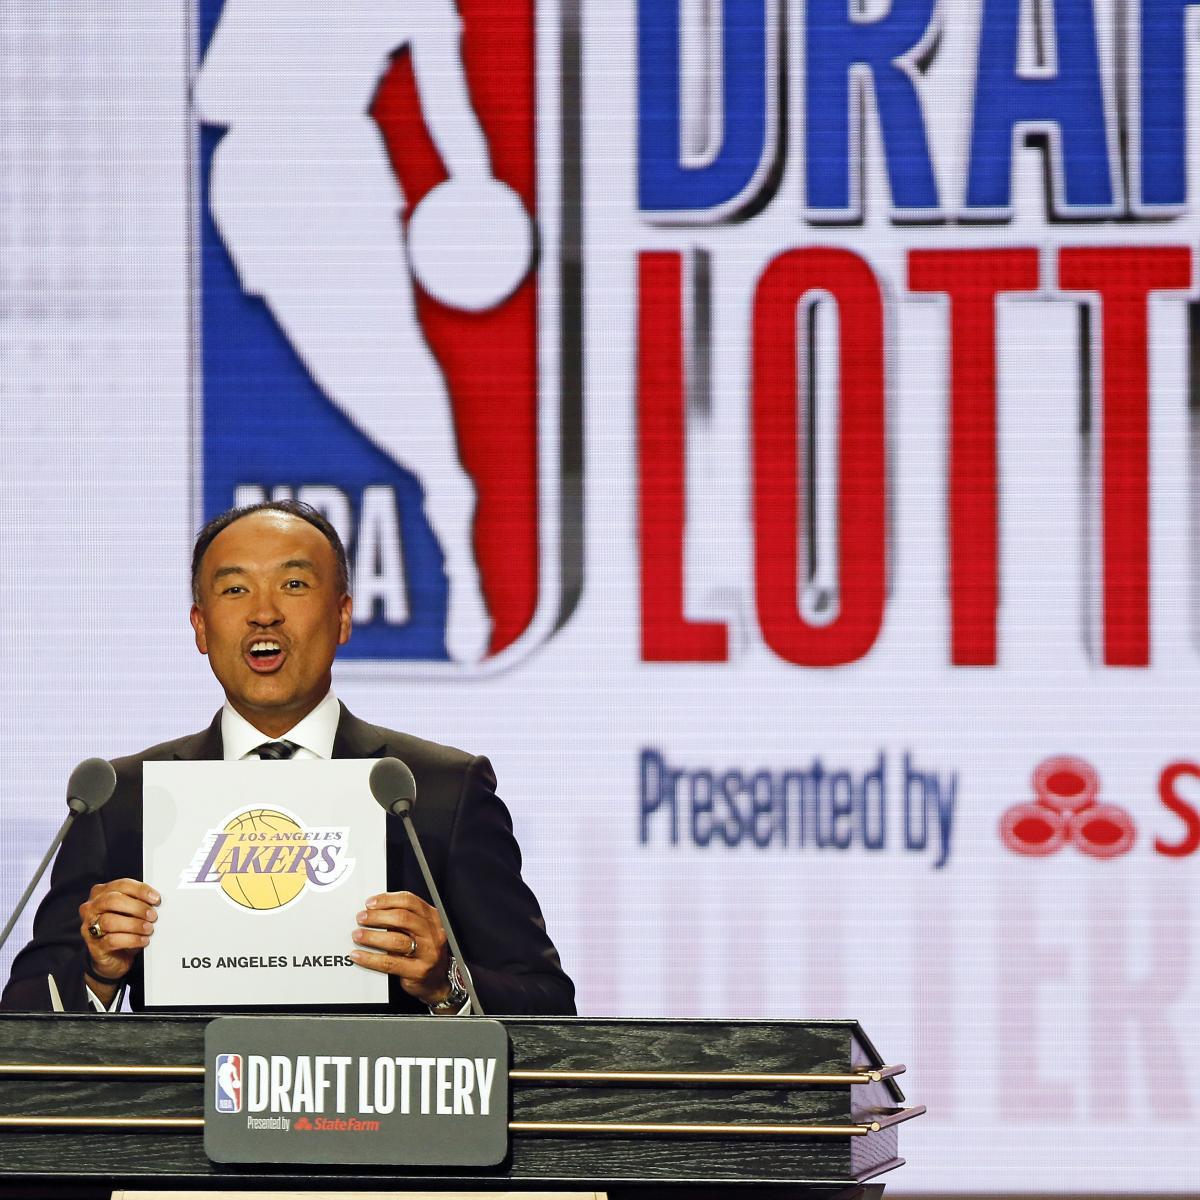 Laporan: NBA Diharapkan Menunda Lotre Draft 2020, Gabungkan Di Tengah COVID-19 | Laporan Bleacher